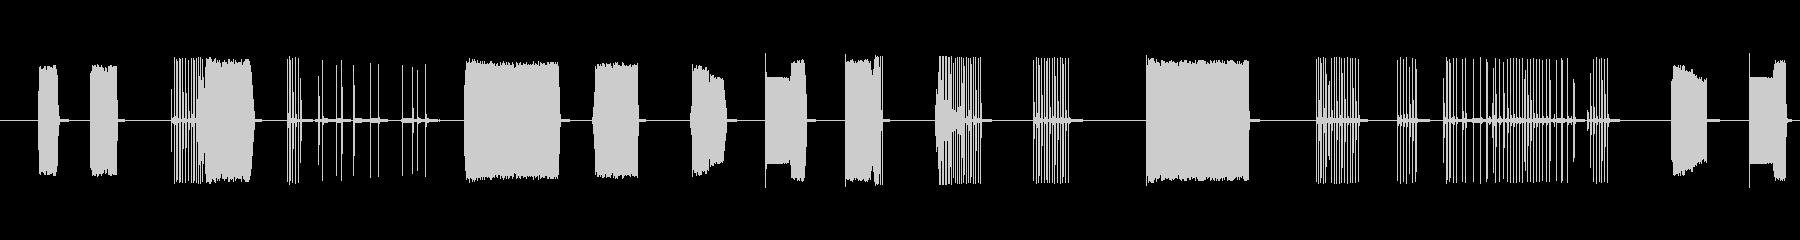 FX トーキングアーケード02の未再生の波形